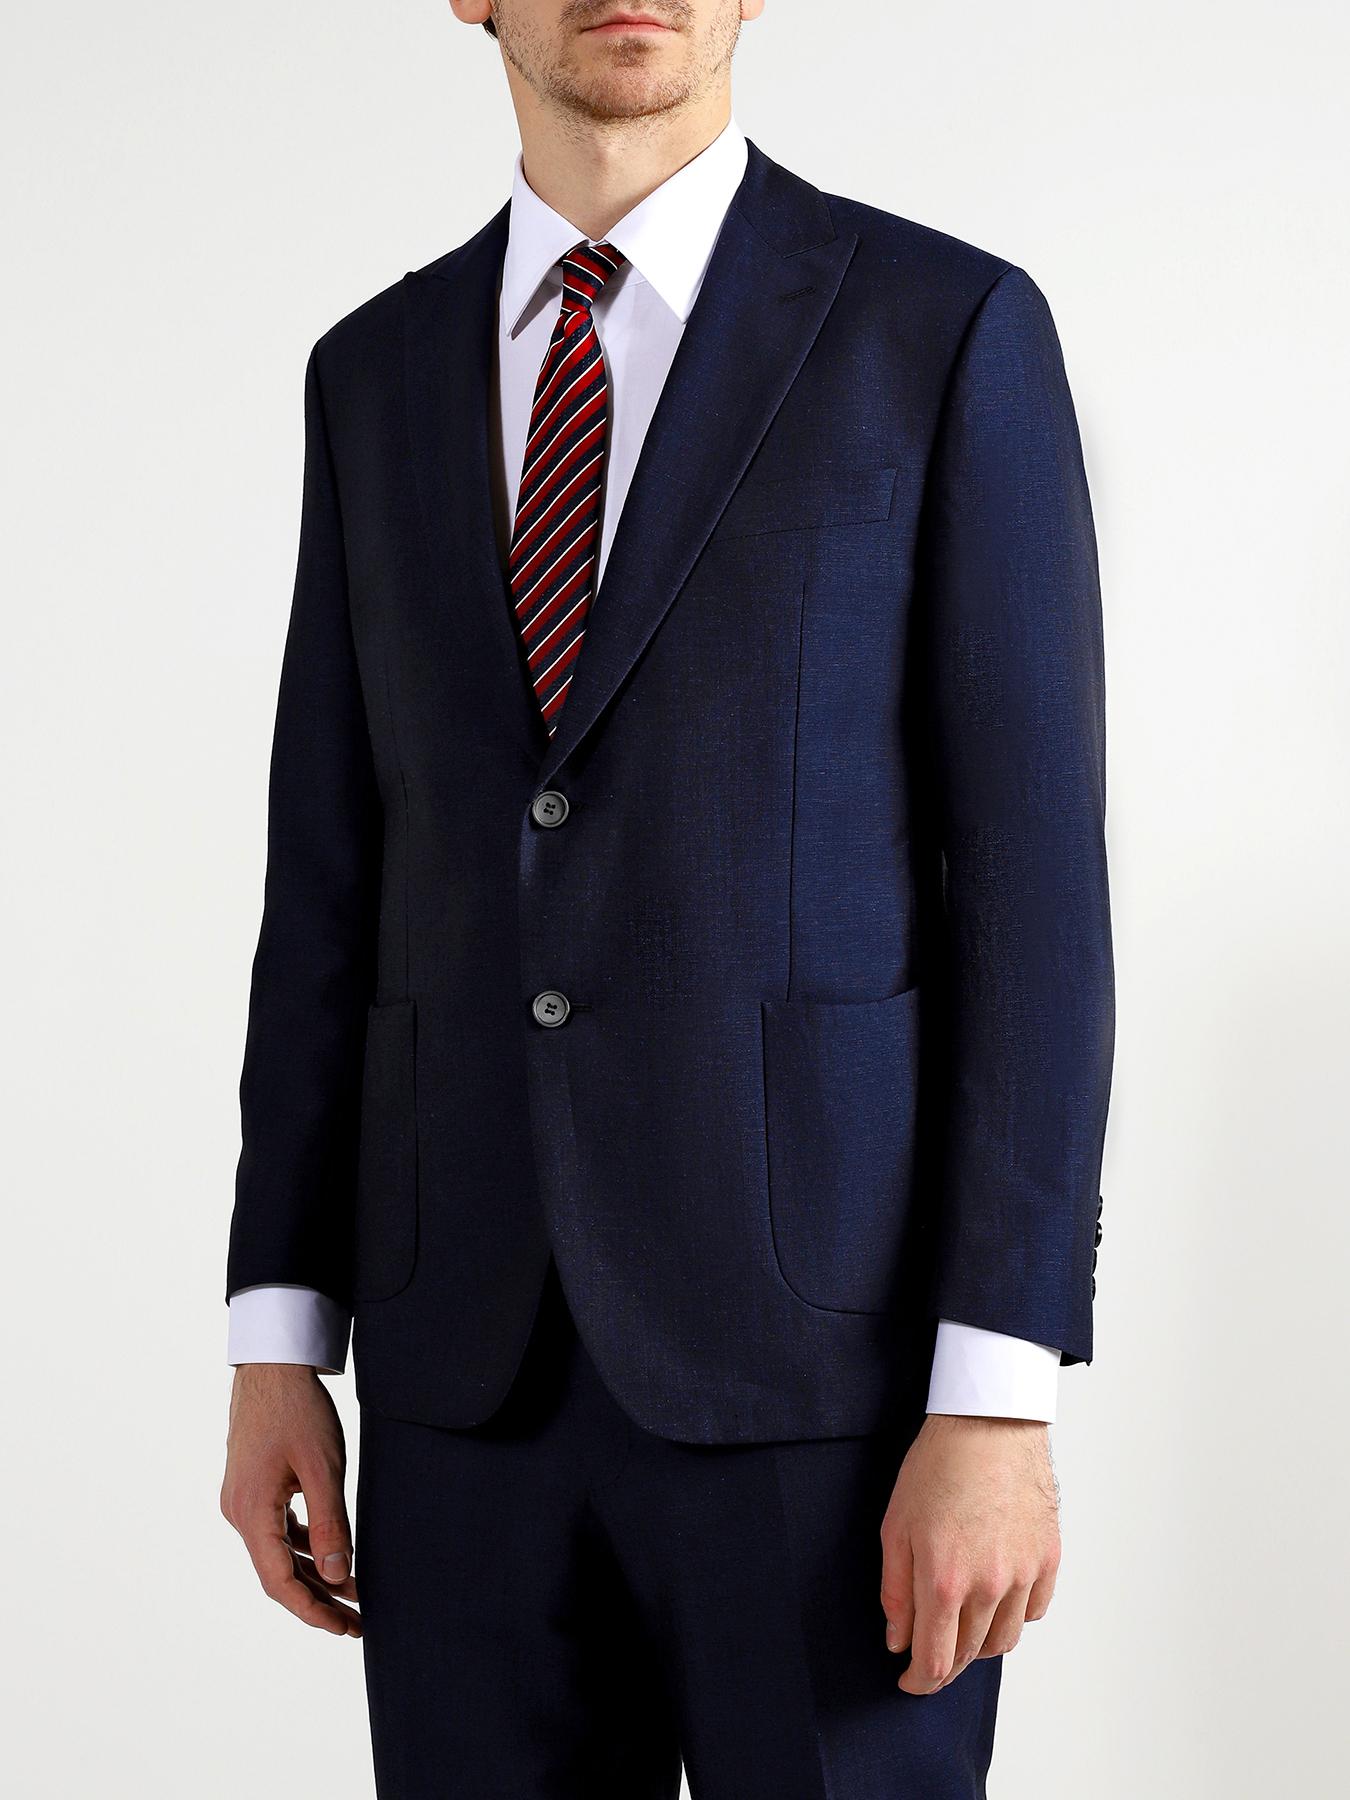 цена на Костюм Ritter Классический костюм